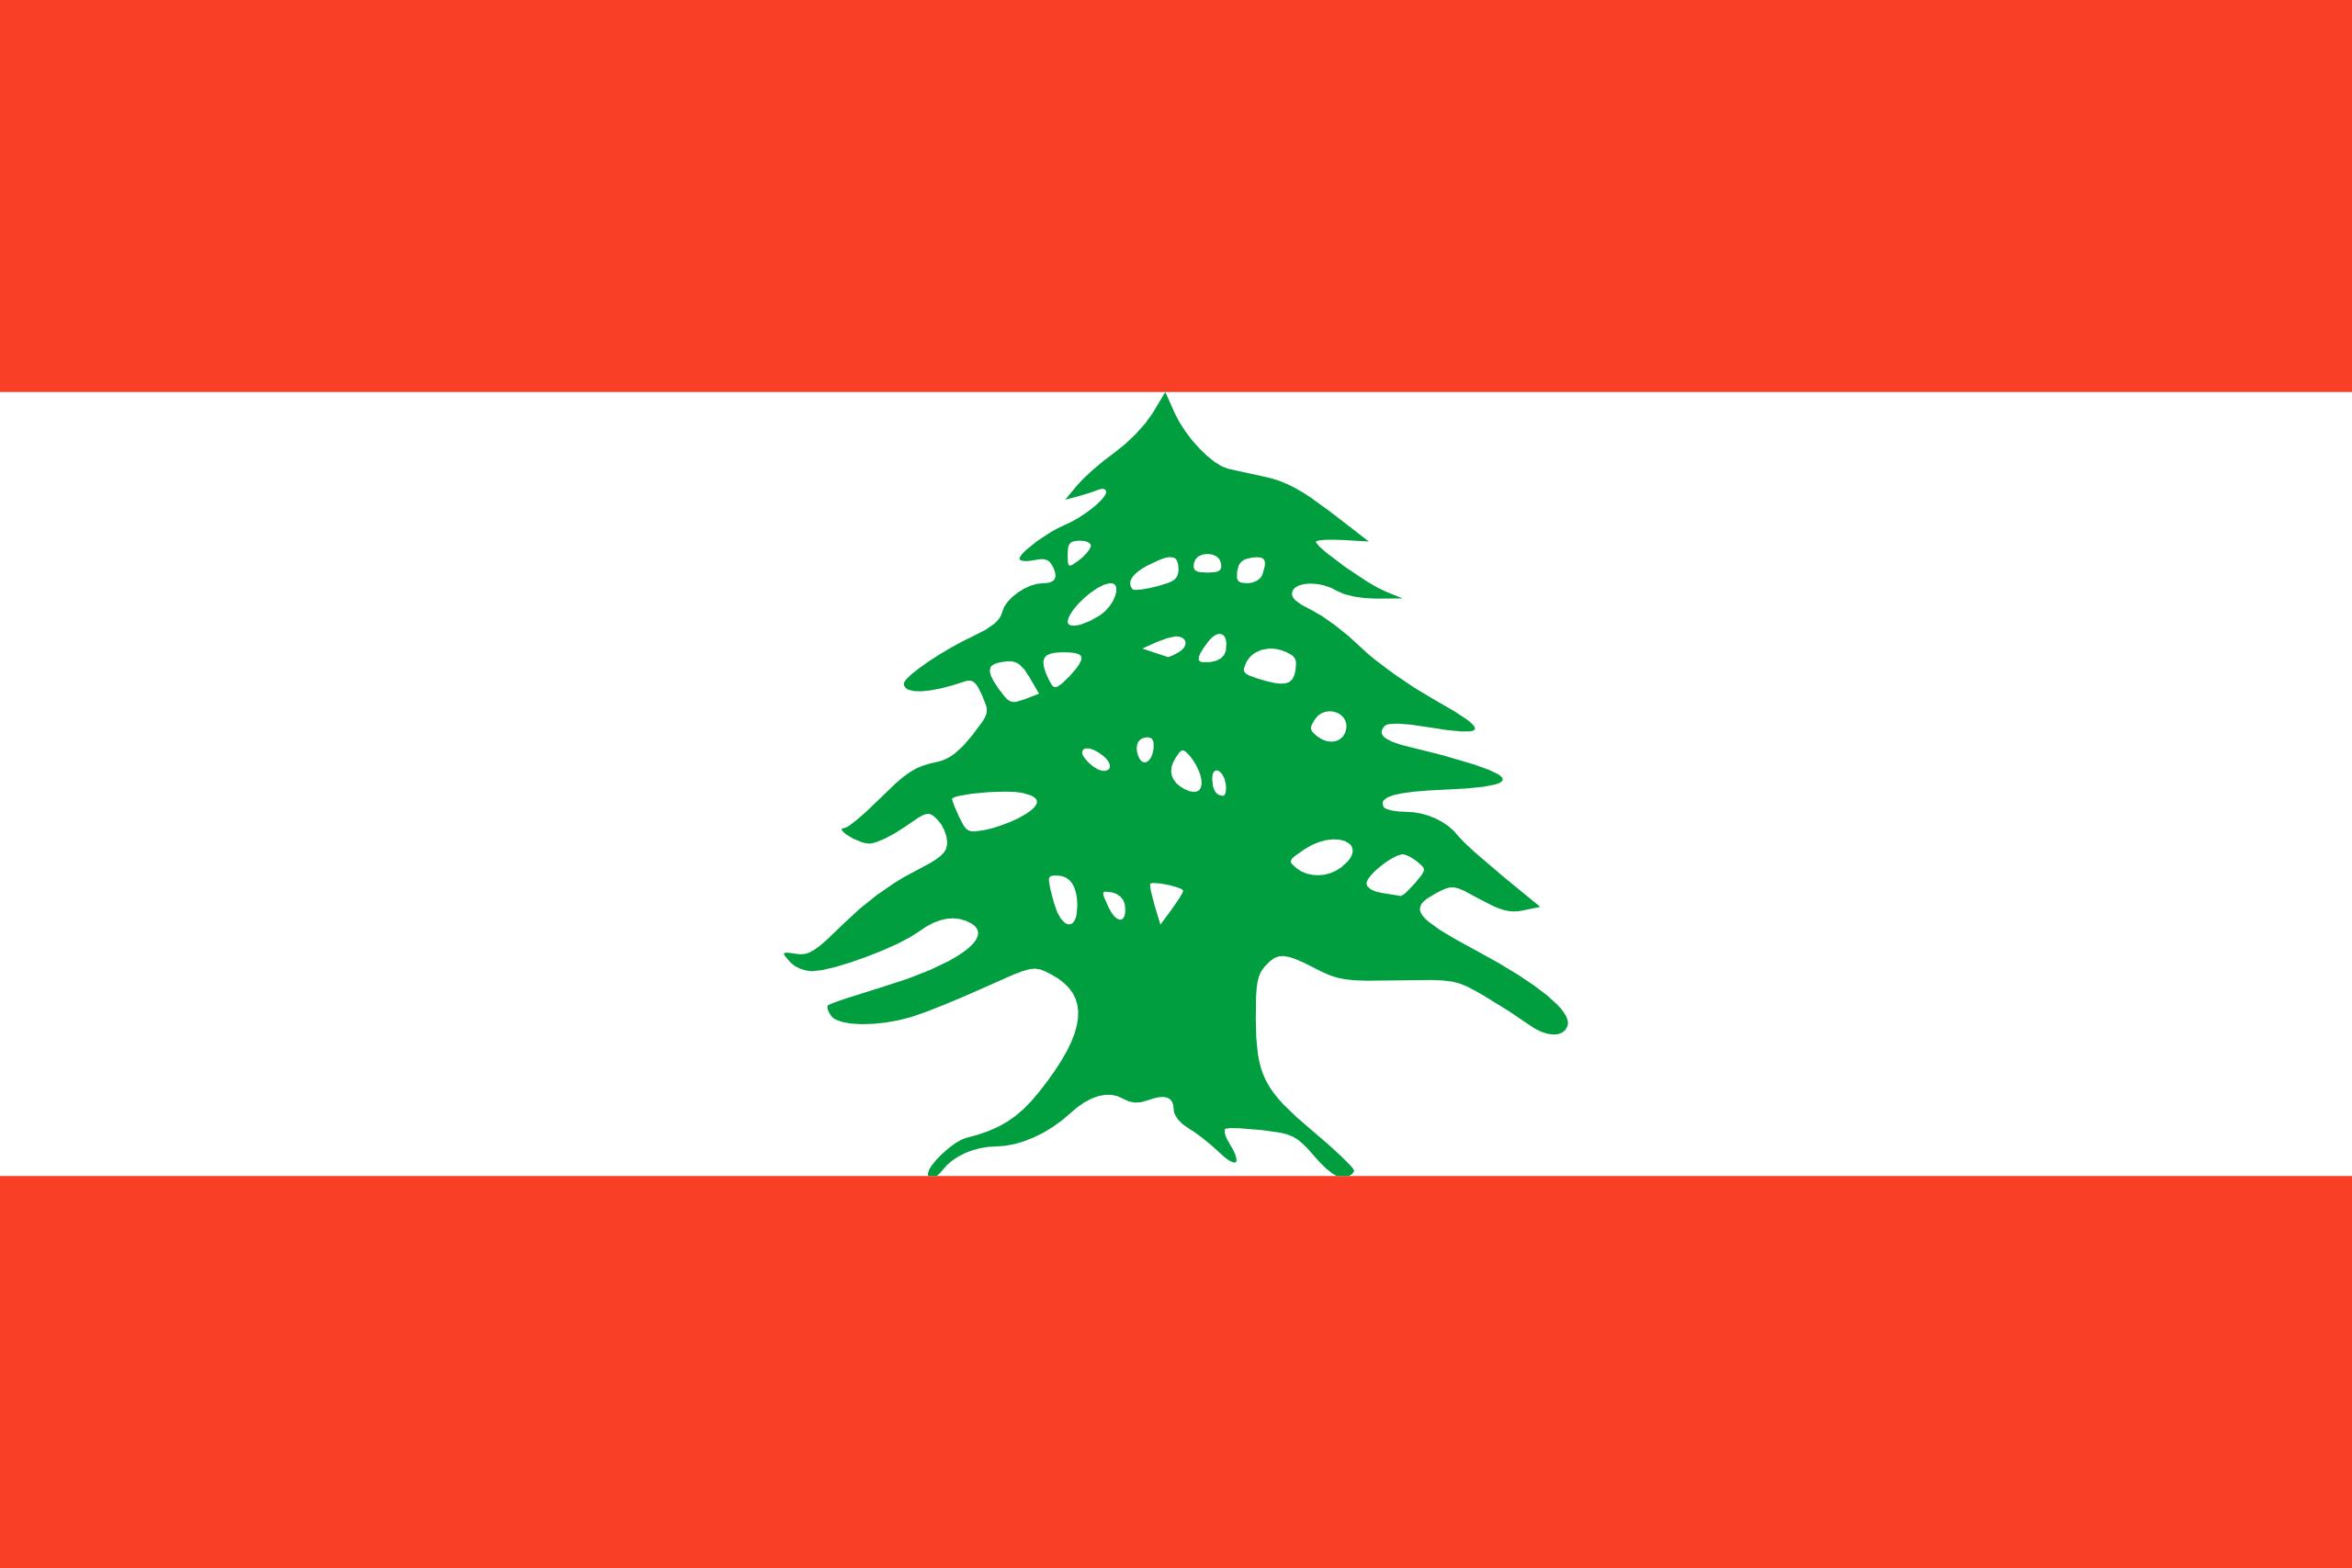 líbano, país, emblema, insignia, シンボル - HD の壁紙 - 教授-falken.com